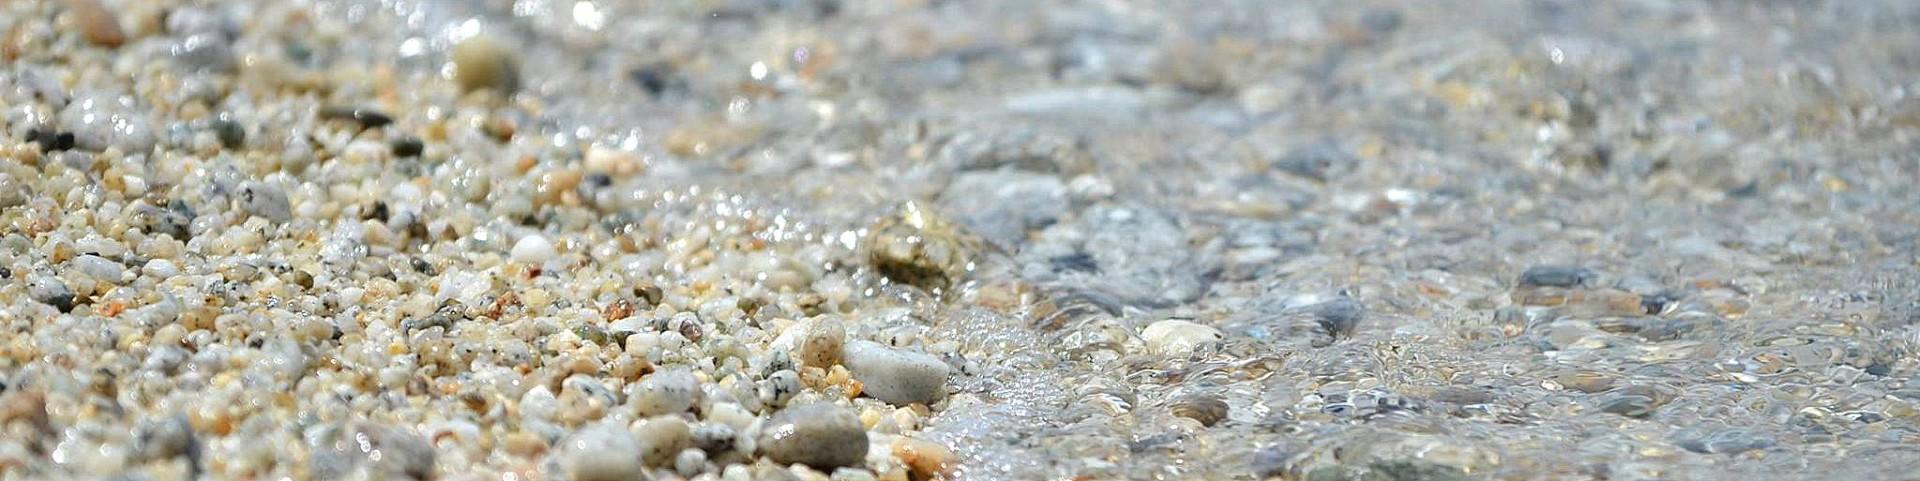 Parghelia, pláž Michelino, typ pláže a písku